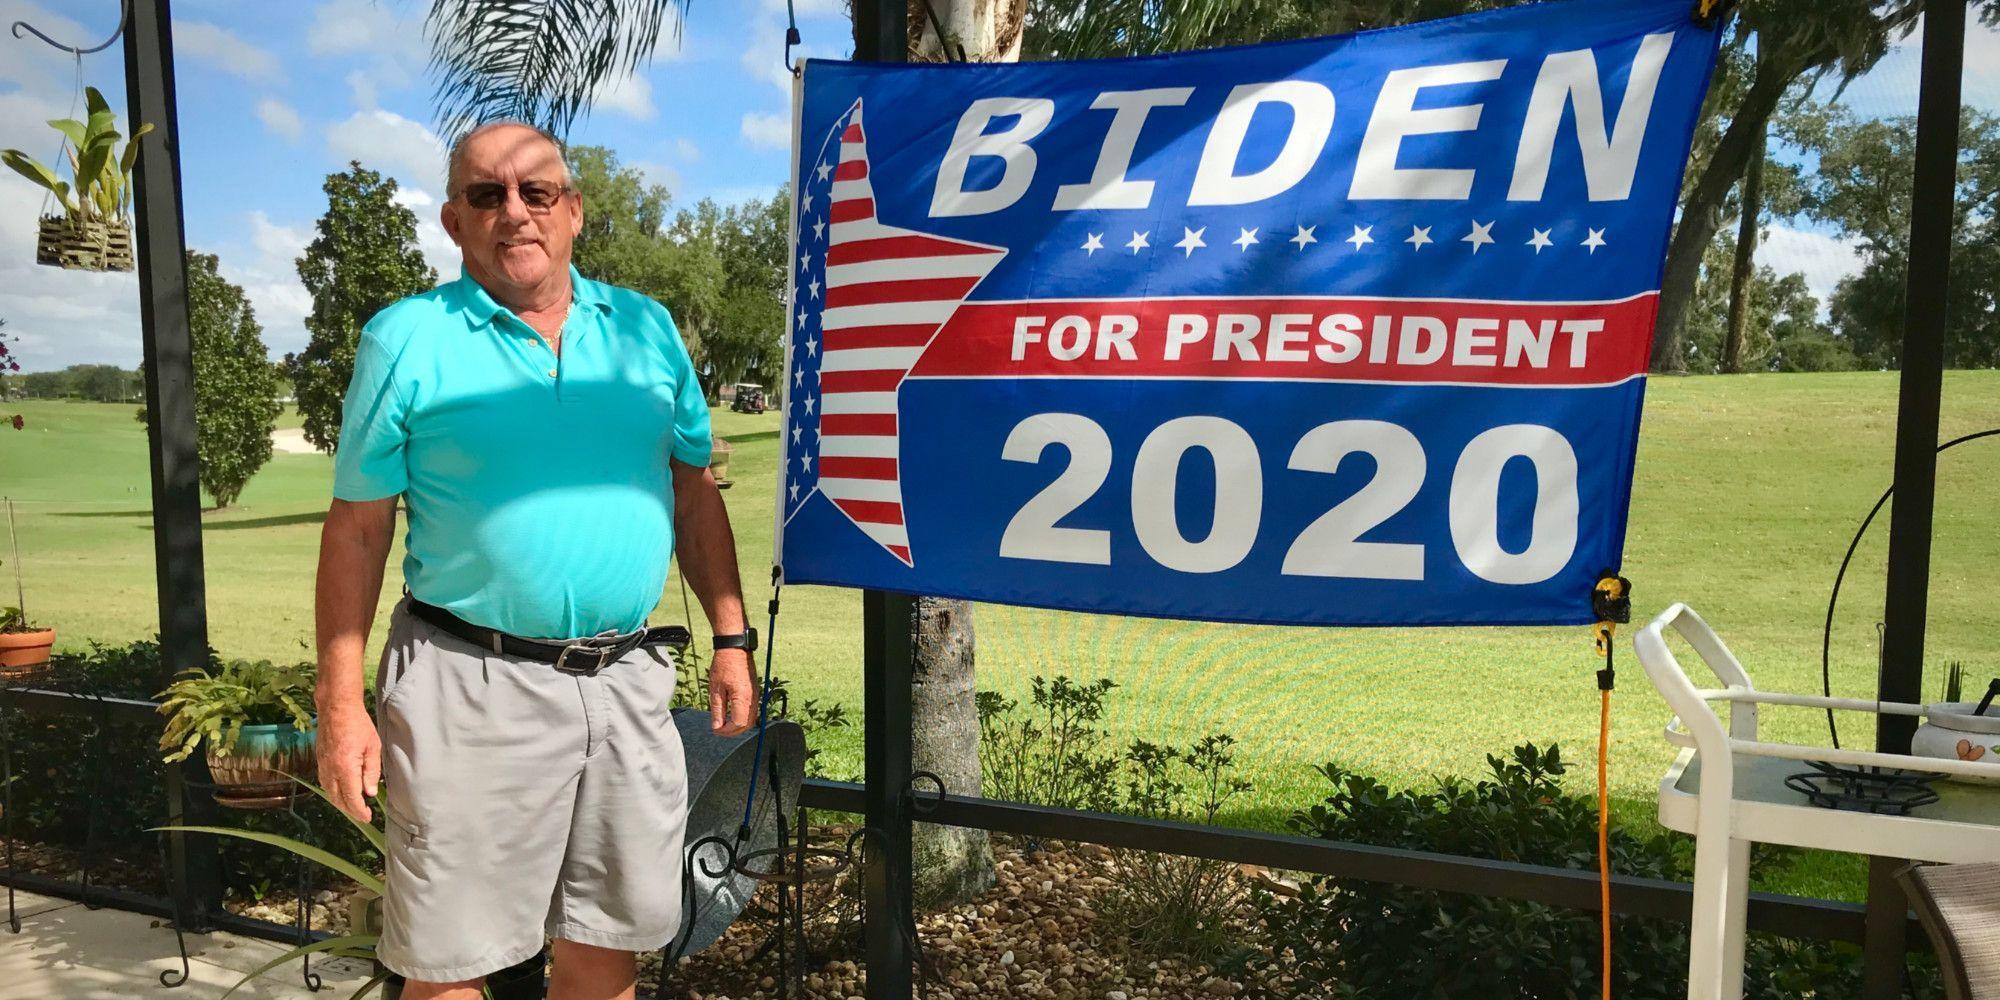 En colère contre la gestion de la crise du coronavirus aux Etats-Unis, Jeff votera Joe Biden